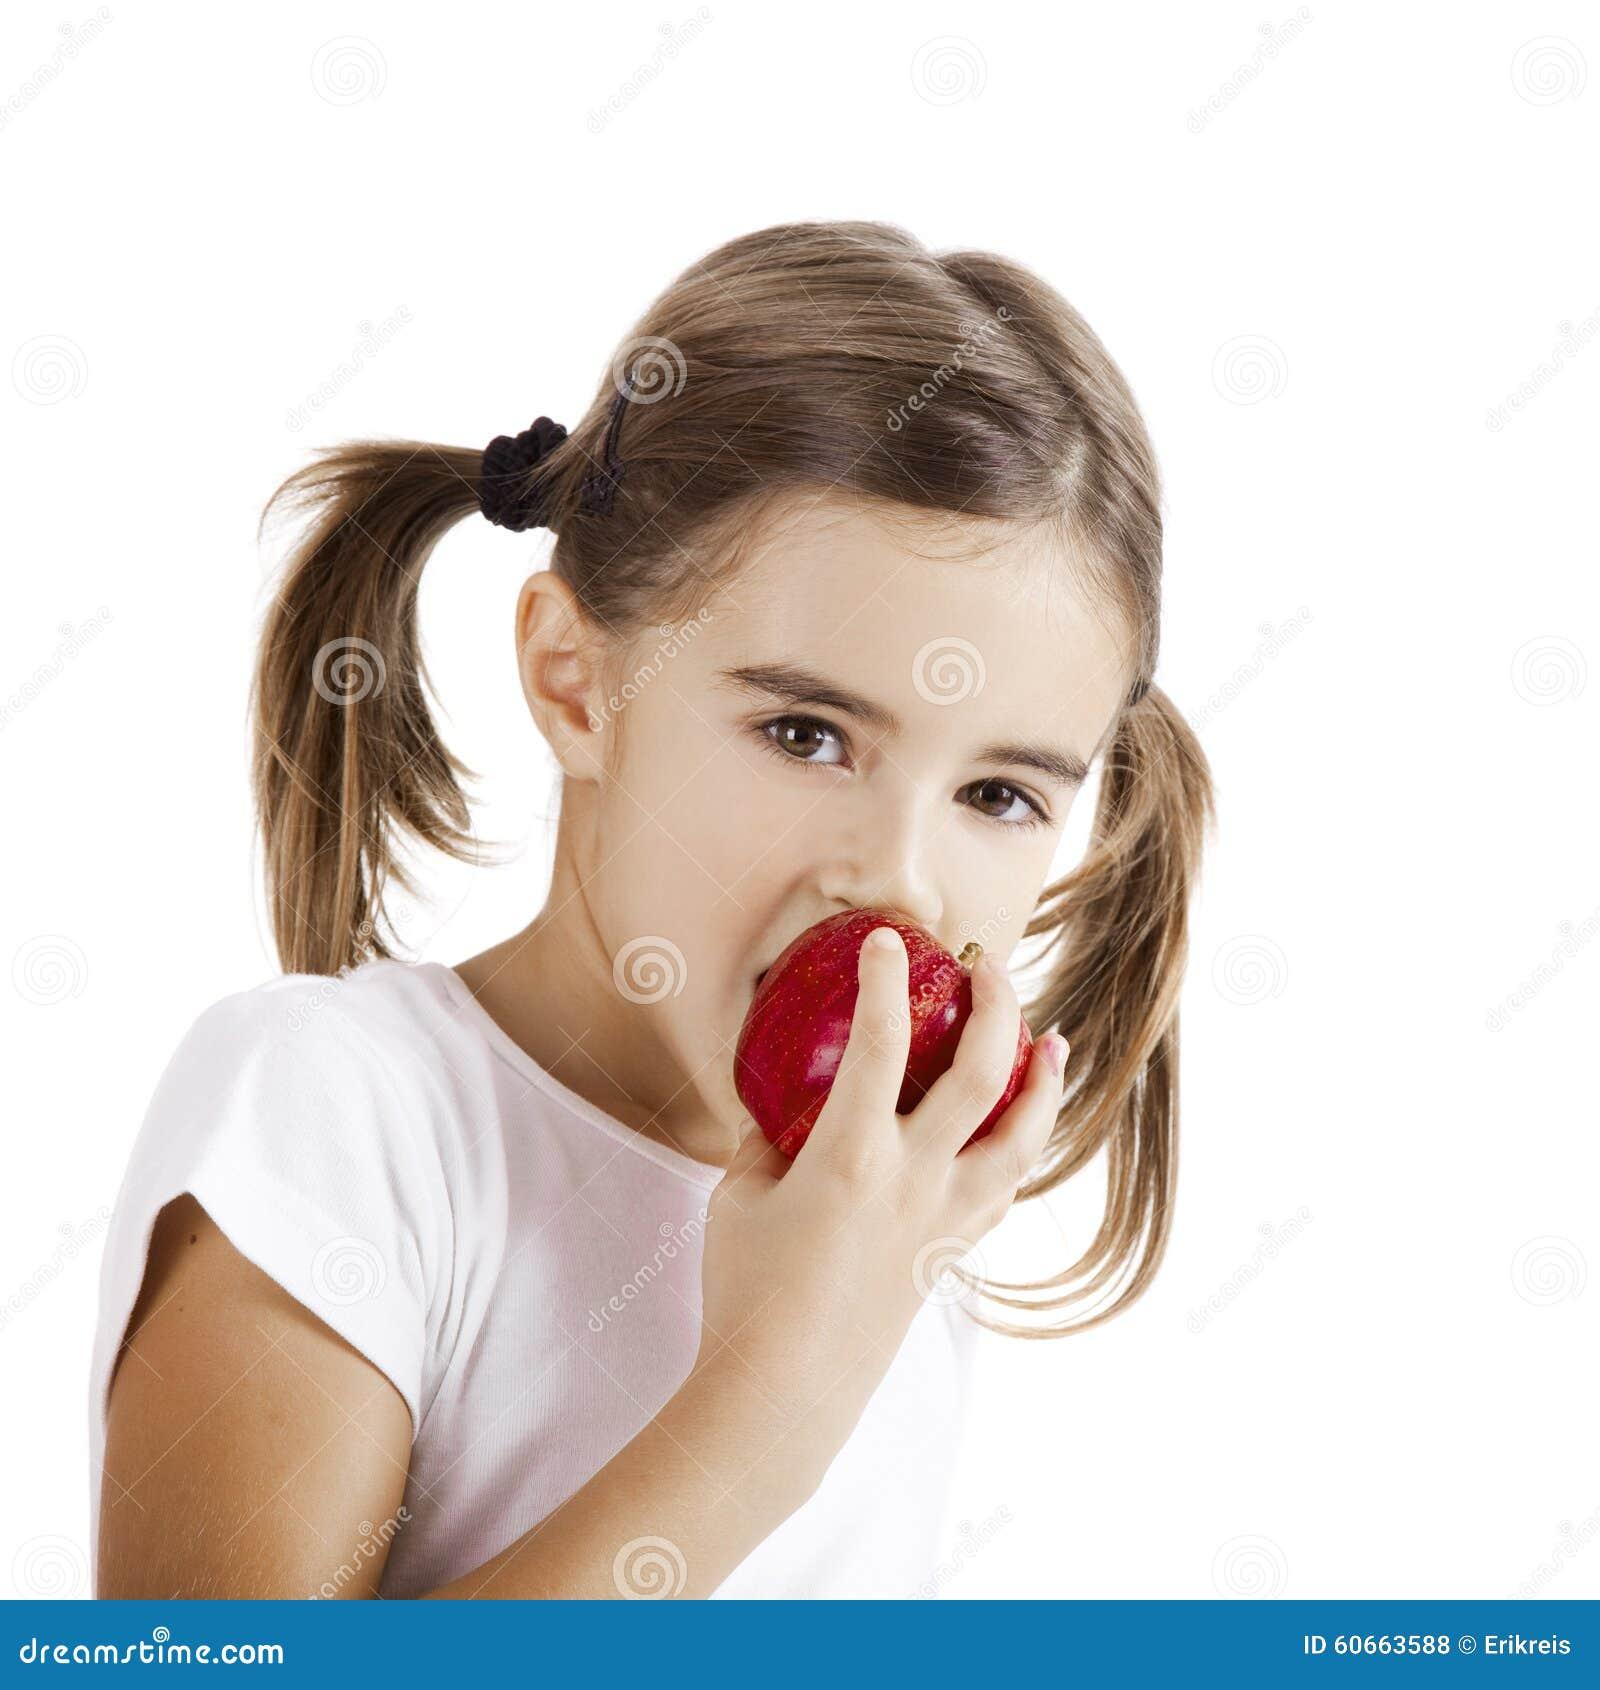 Essen von einem Apple